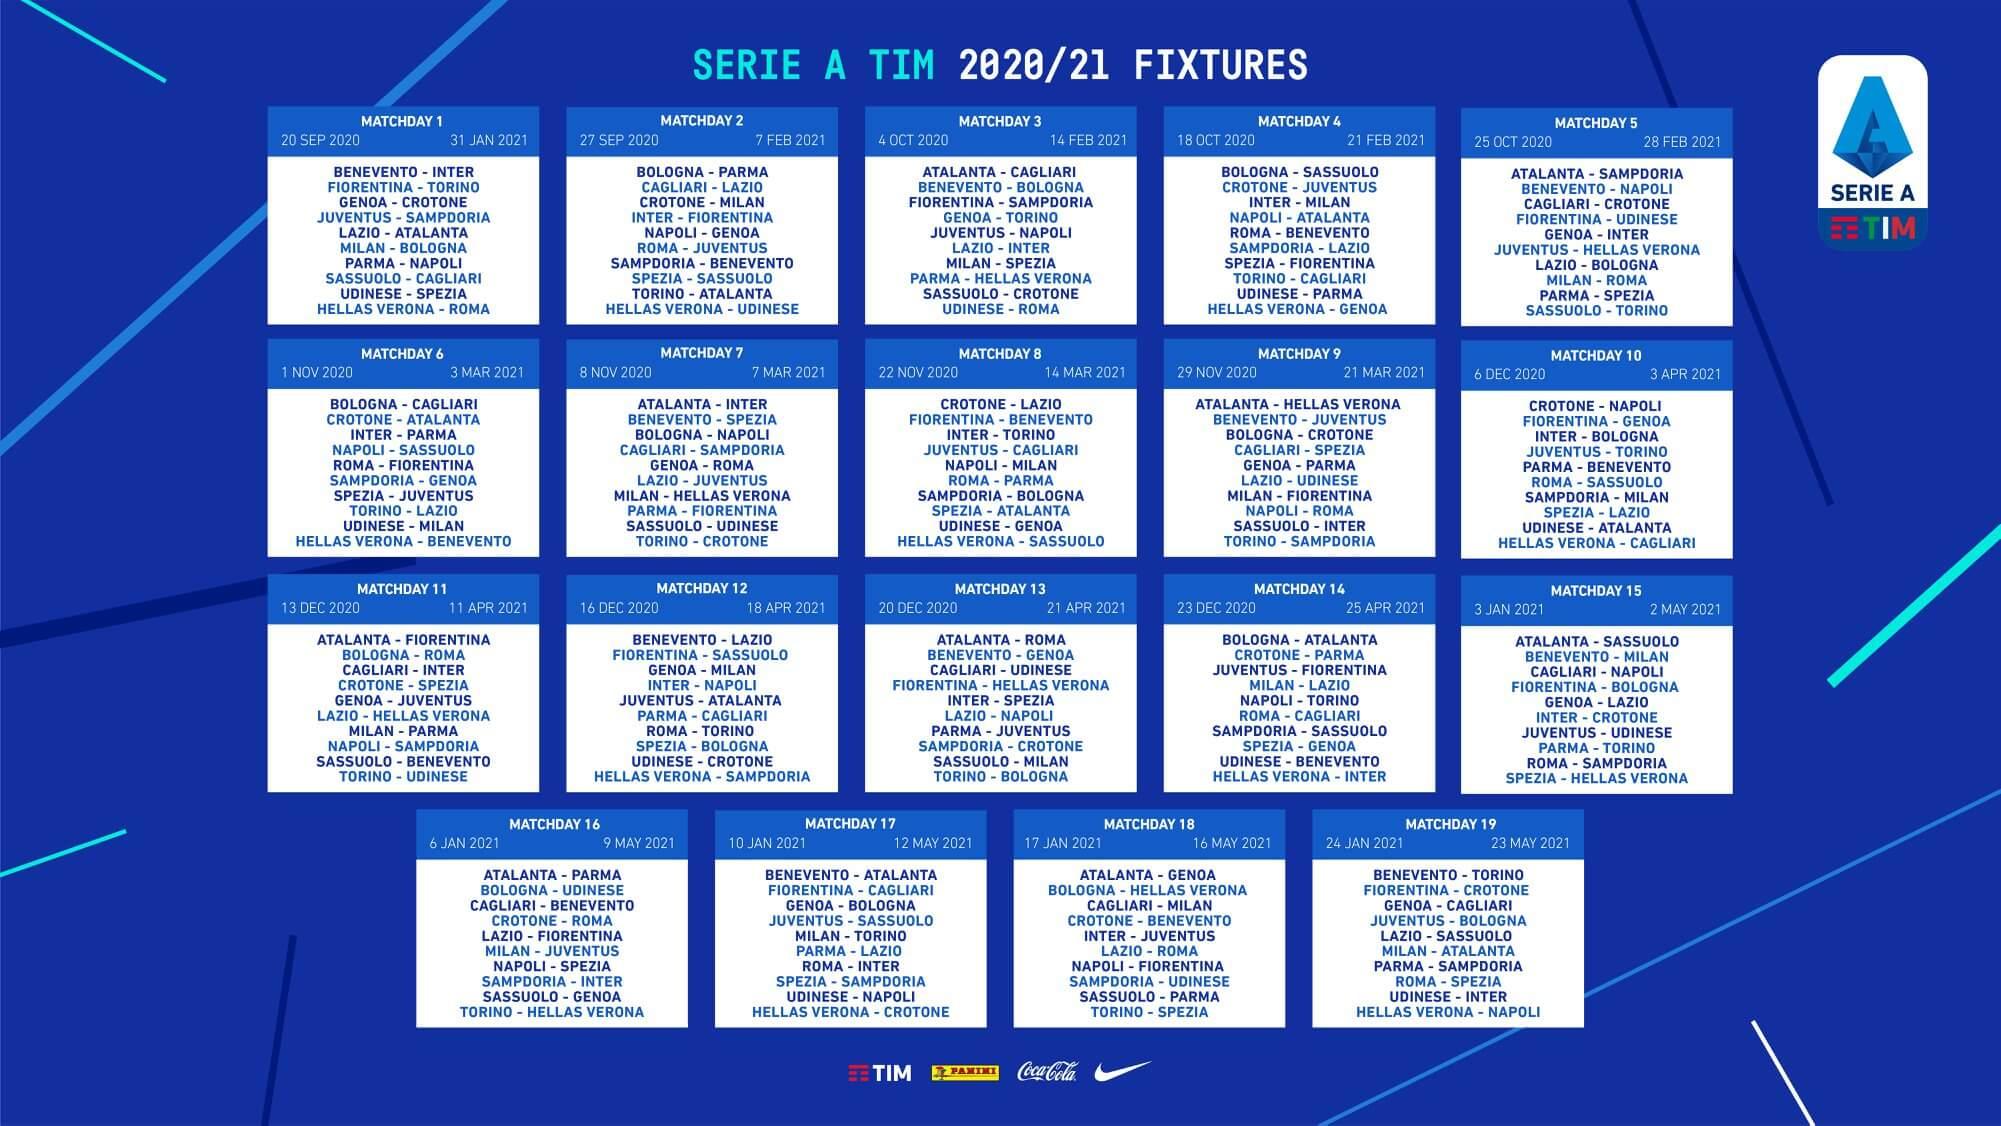 Calendrier Juventus 2021 OFFICIEL : Calendrier de la Serie A 2020/2021   Serie A